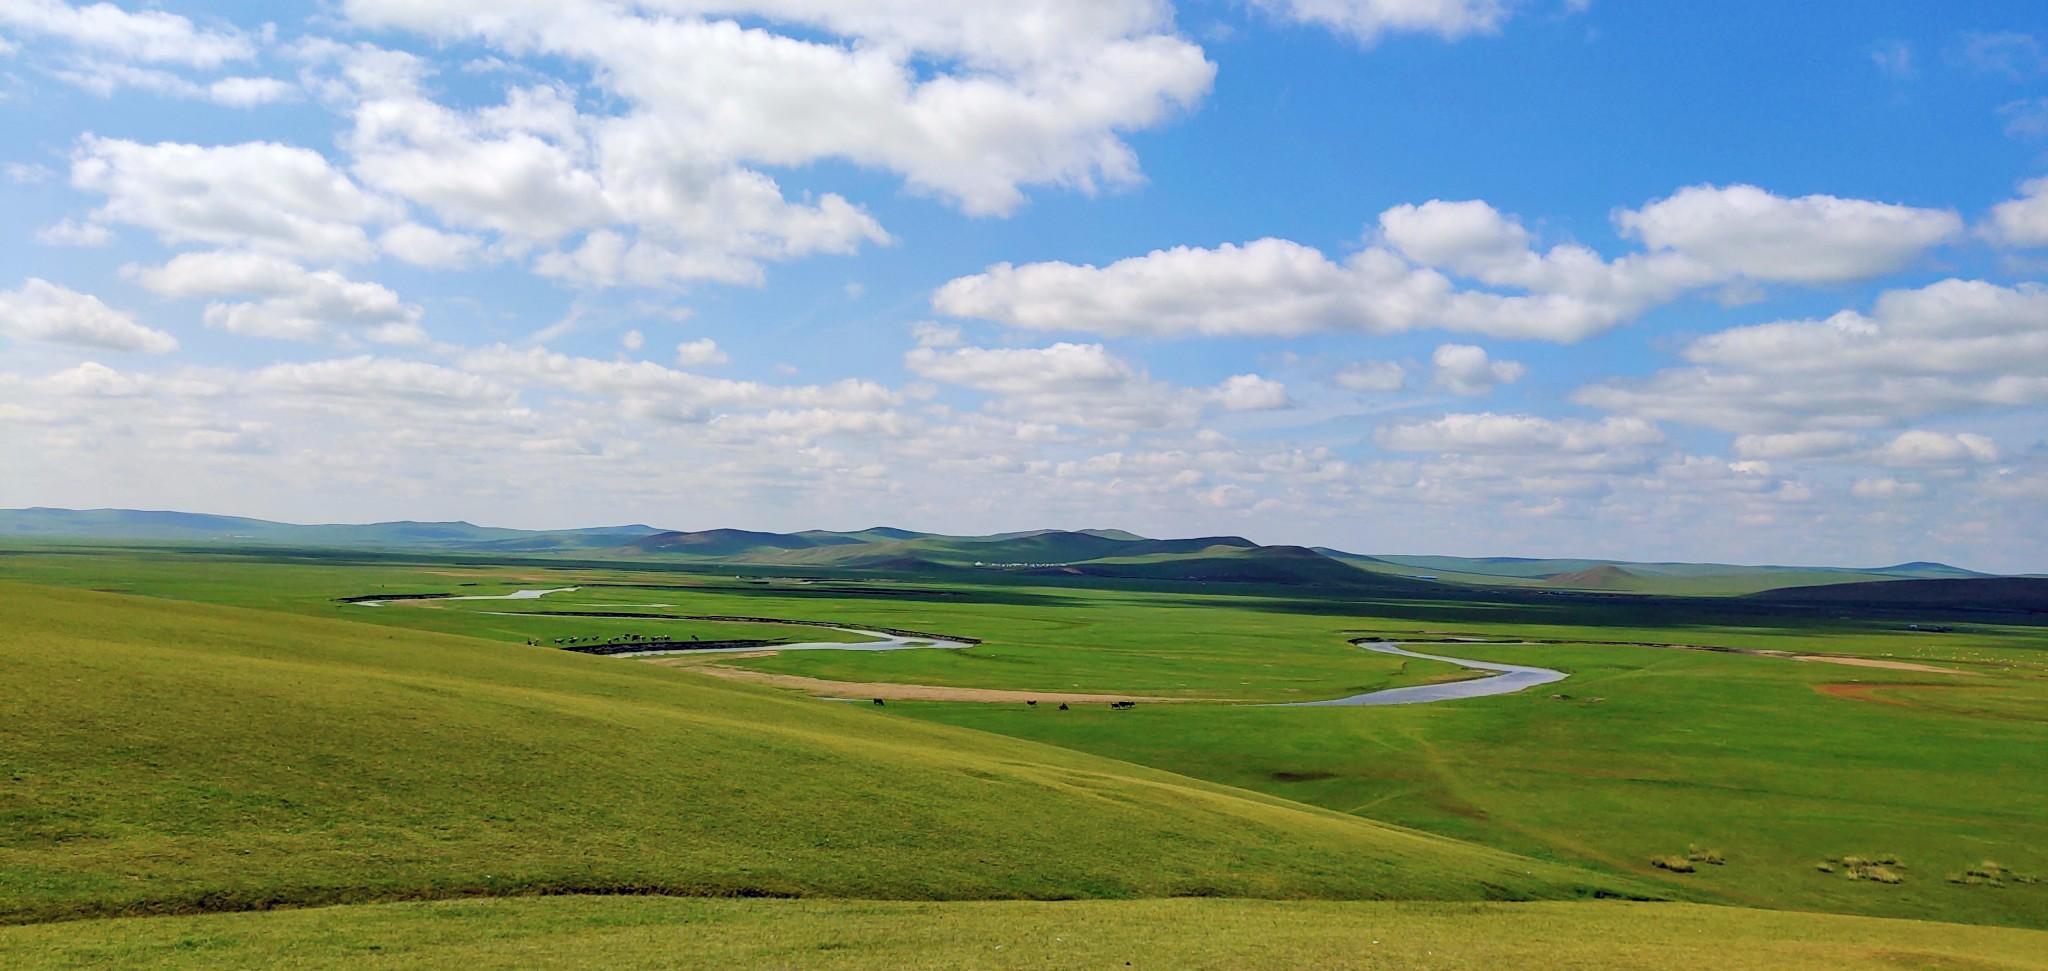 ·解锁呼伦贝尔 -- 蓝天、白云、绿水、青山 以及让我们沉醉的草原!_游记